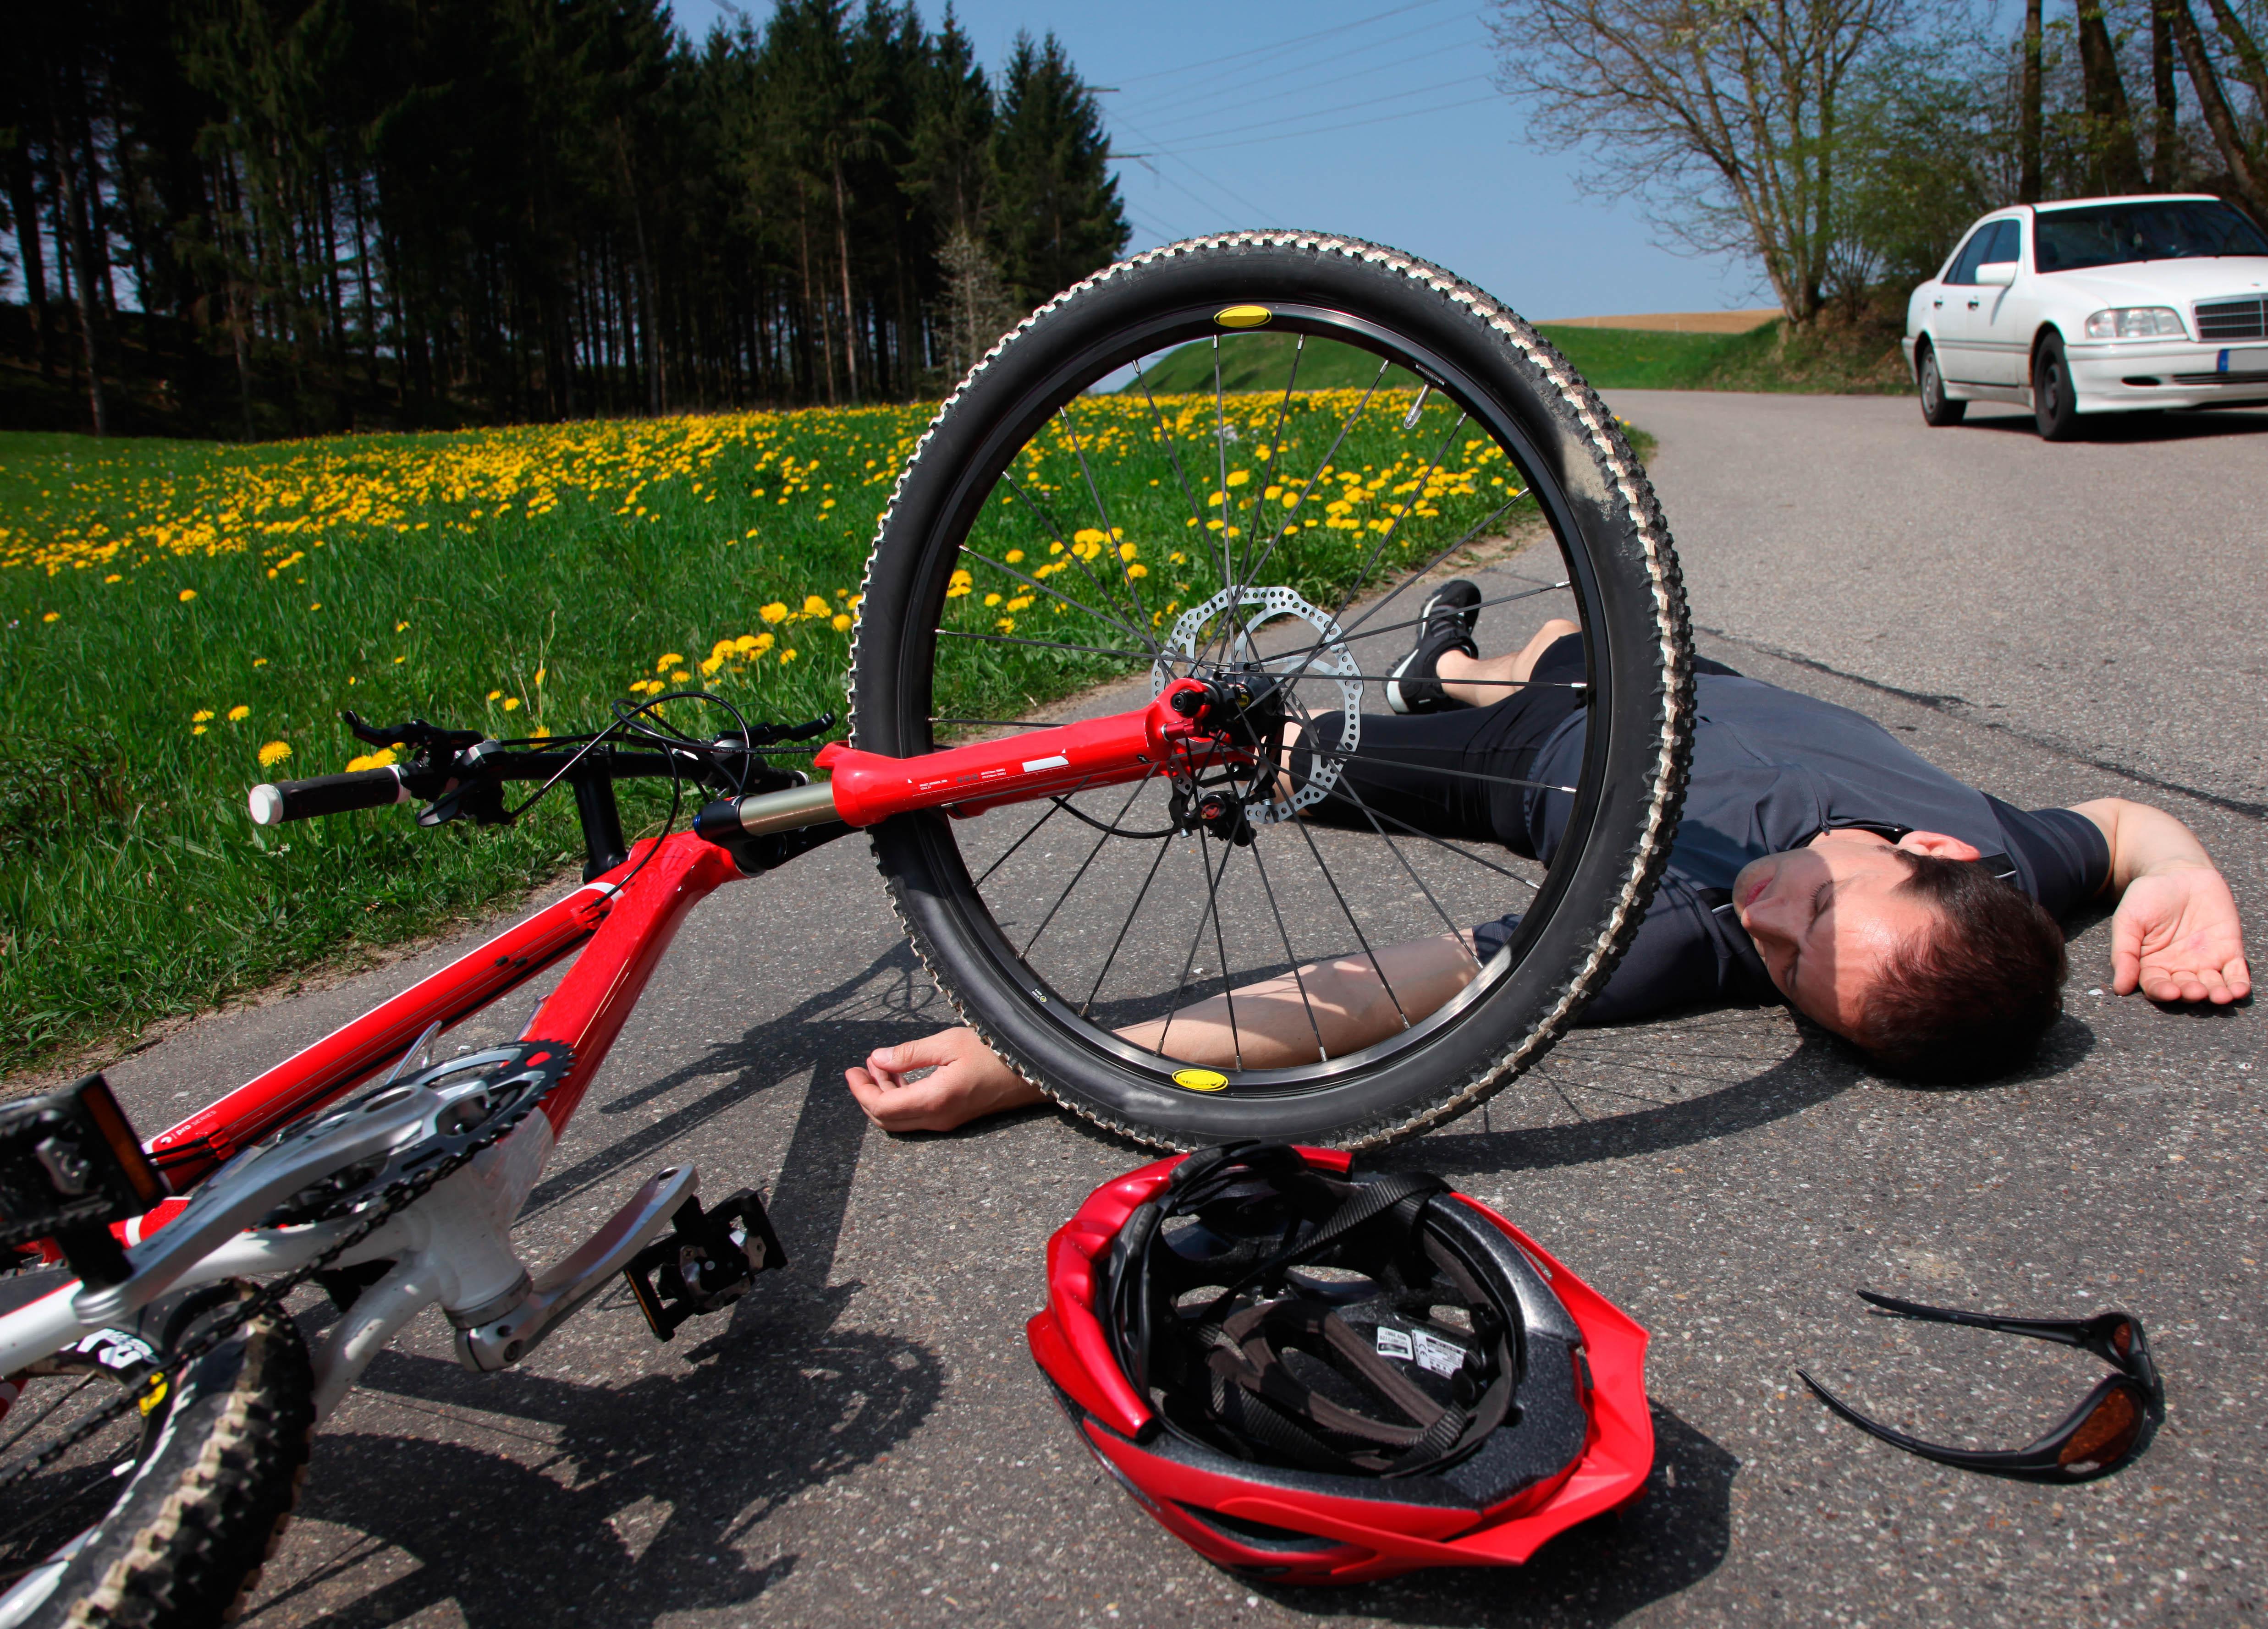 Radfahrer Unfall mit Mountainbike auf Landstraße